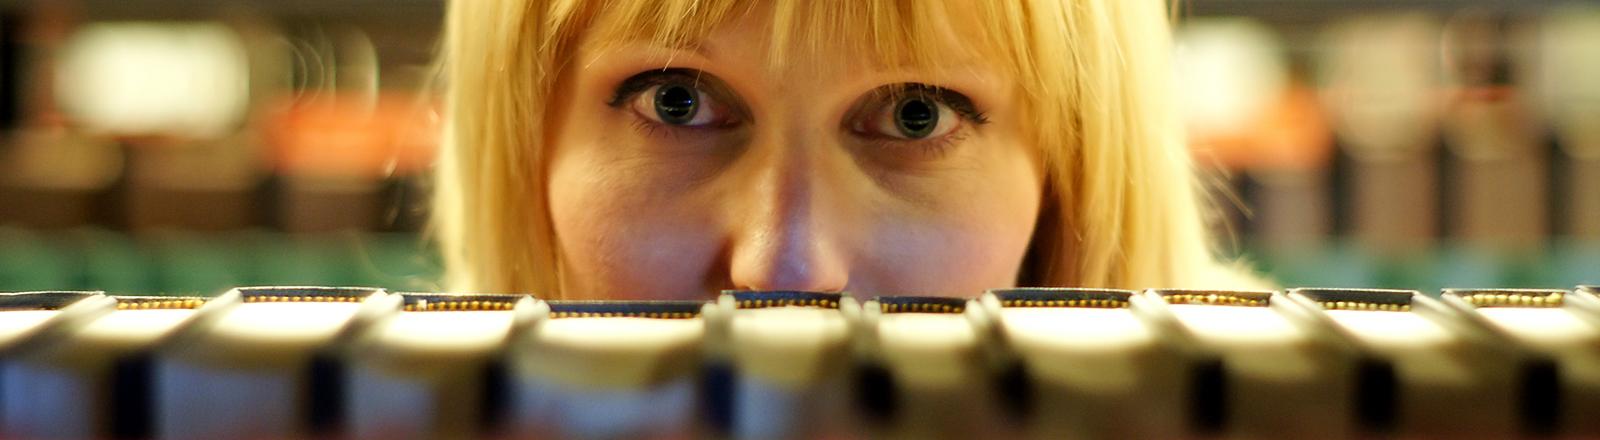 Eine Frau schaut in einer Bibliothek durch die Bücherreihen.